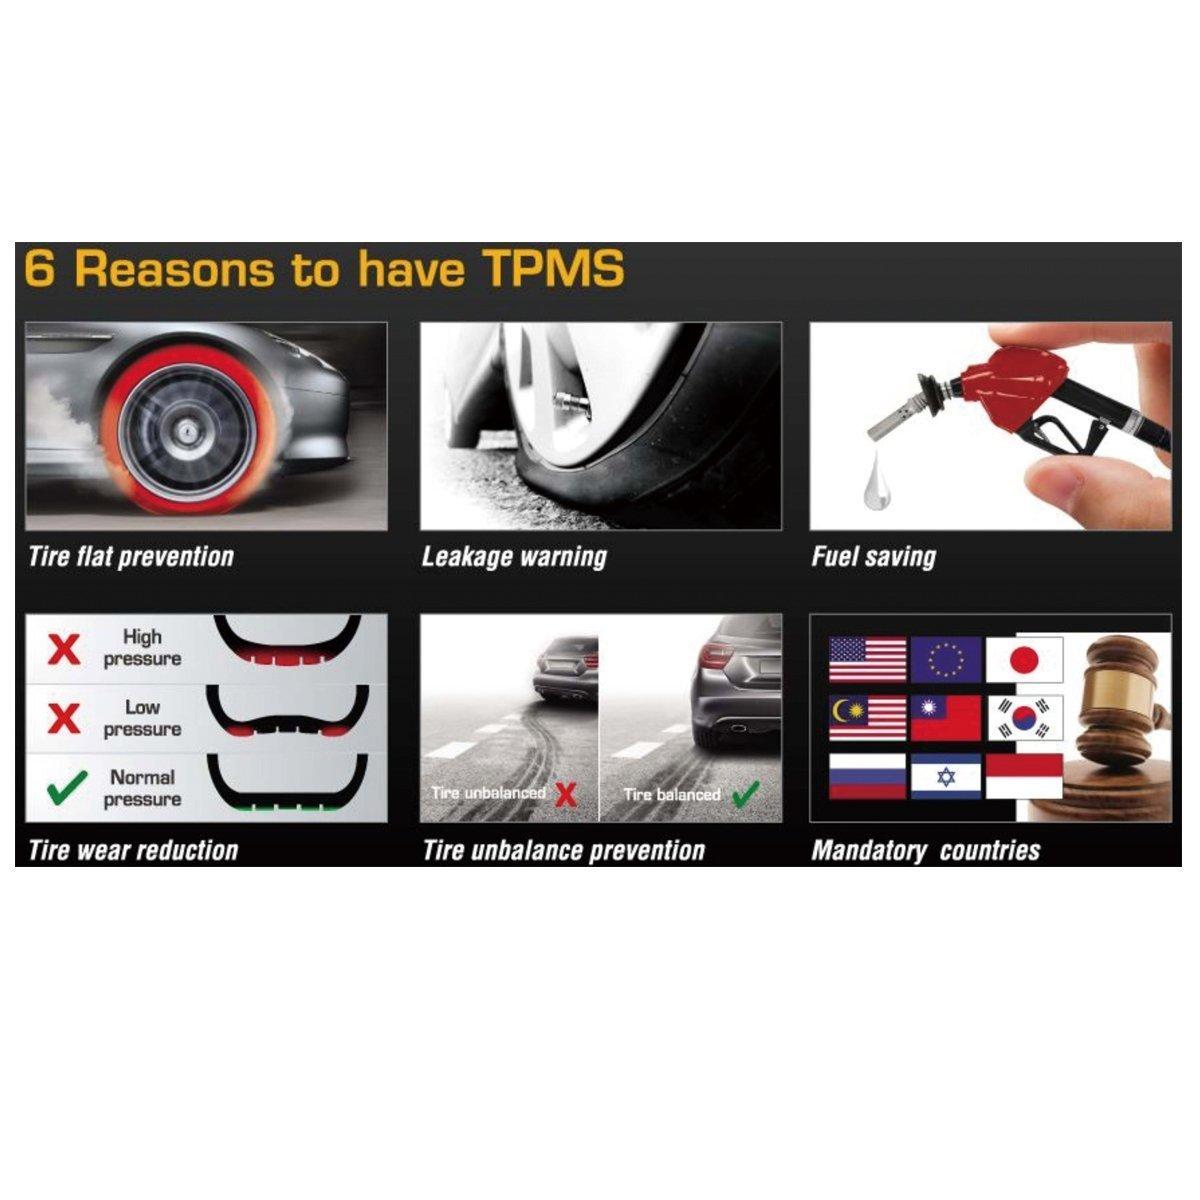 beishuo automático de inalámbrico de energía sensores externos de presión de los neumáticos sistema de vigilancia inteligente DIY versión (TPMS): Amazon.es: ...